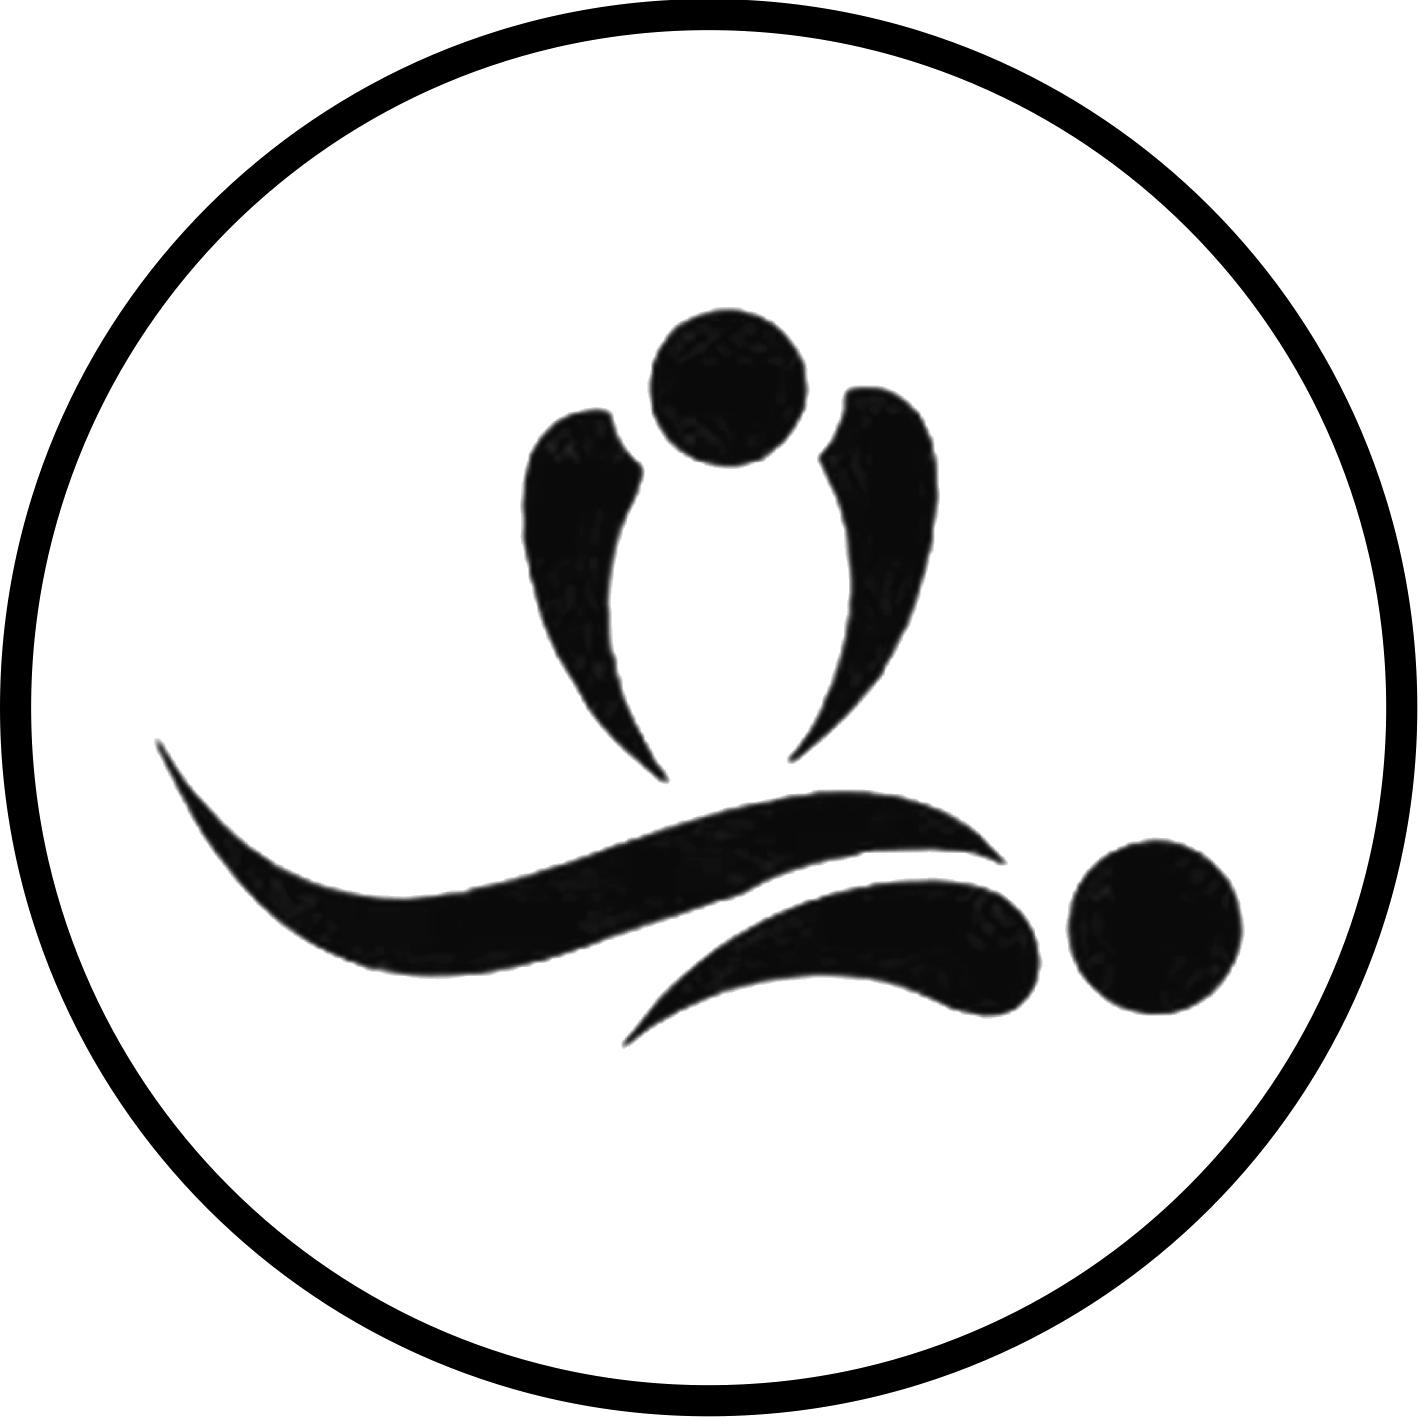 Immagine stilizzata di una persona durante un massaggio